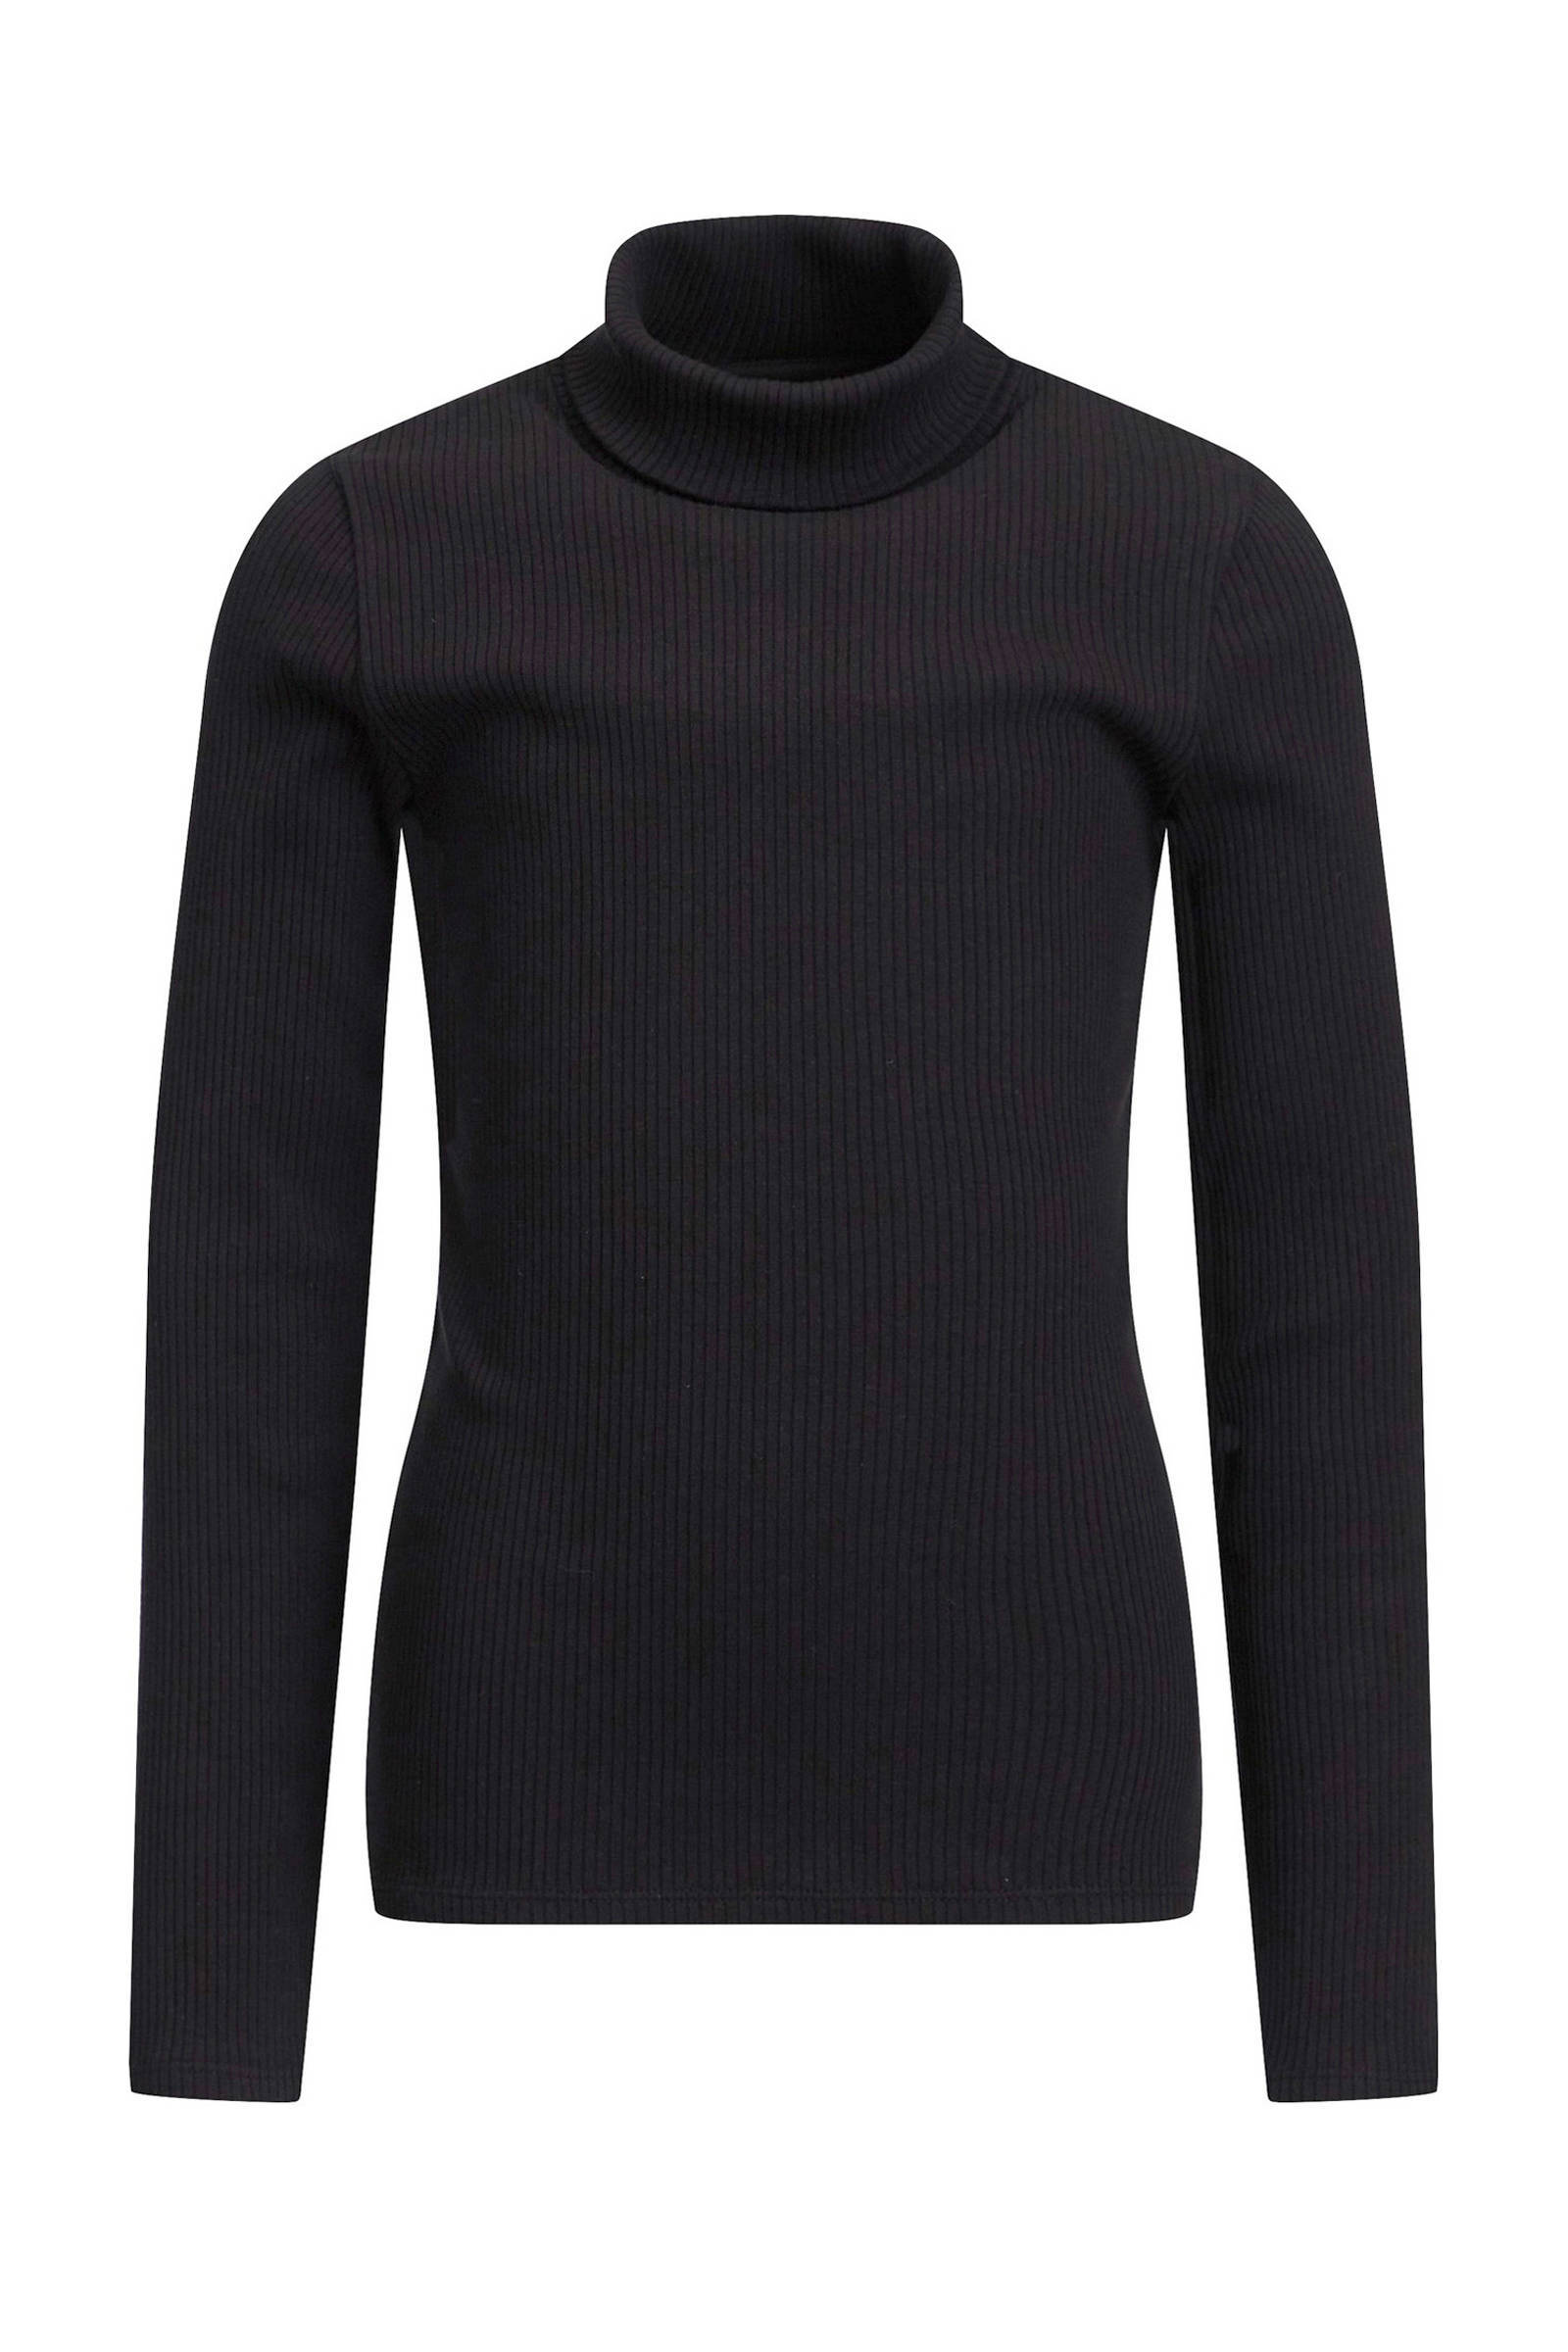 WE Fashion ribgebreide trui zwart | wehkamp